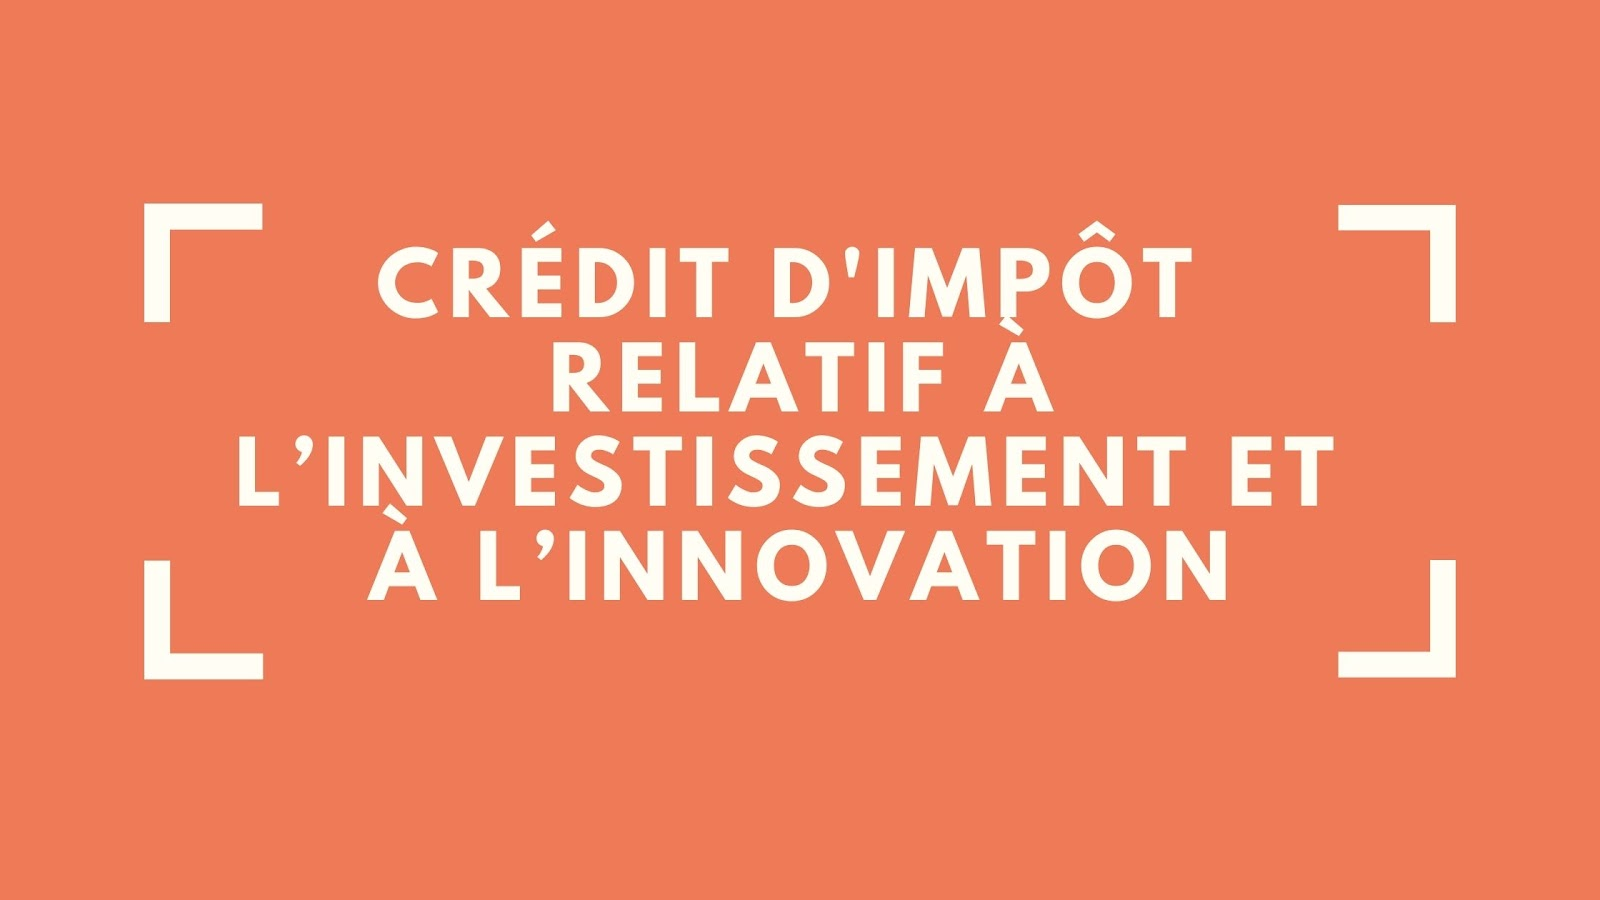 Subvention d'investissement Québec sous forme de crédit d'impôt relatif à l'investissement et à l'innovation